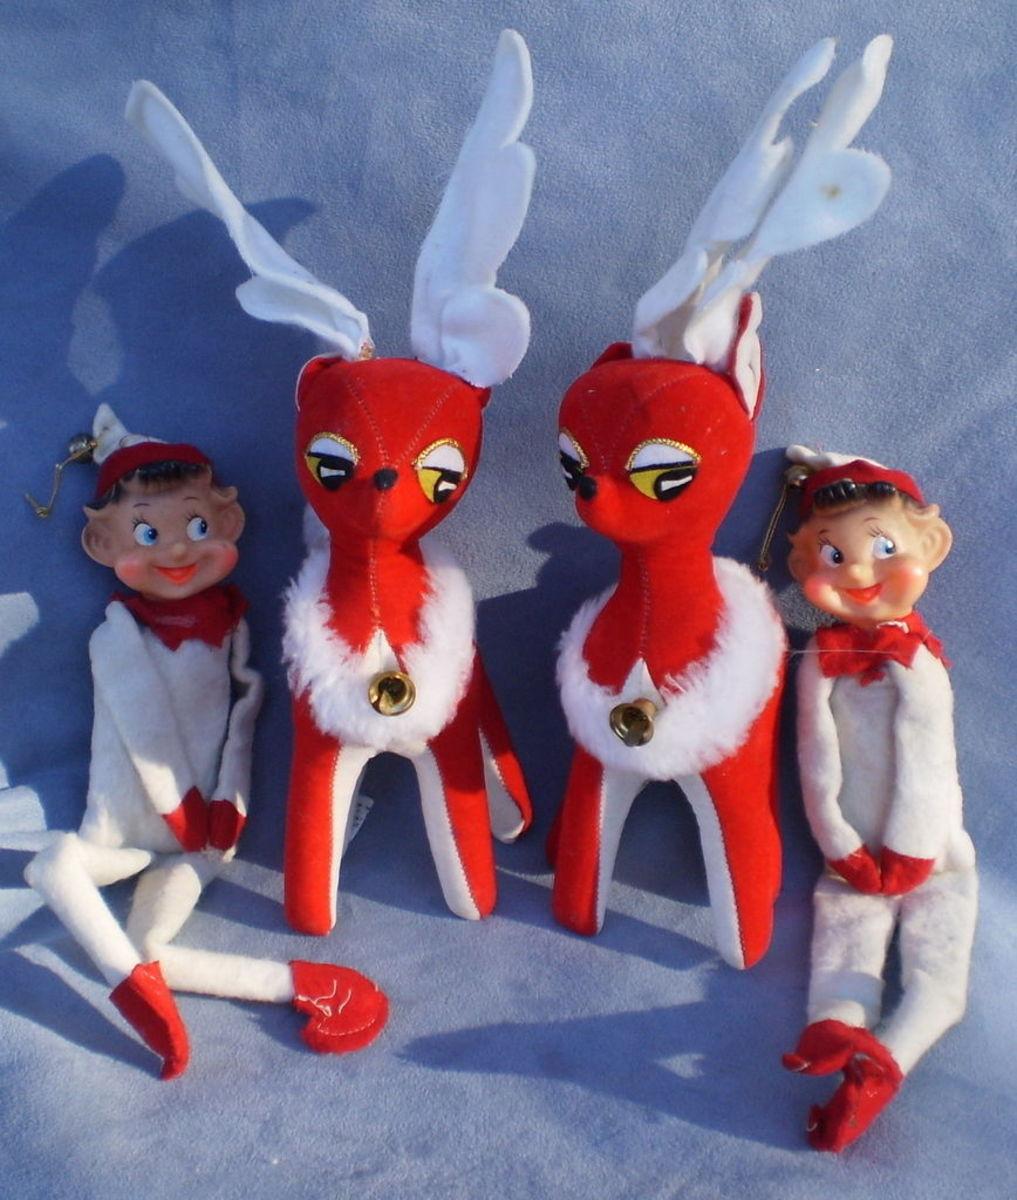 Dakin Dream Pets Christmas Reindeer And Knee Hugger Elf